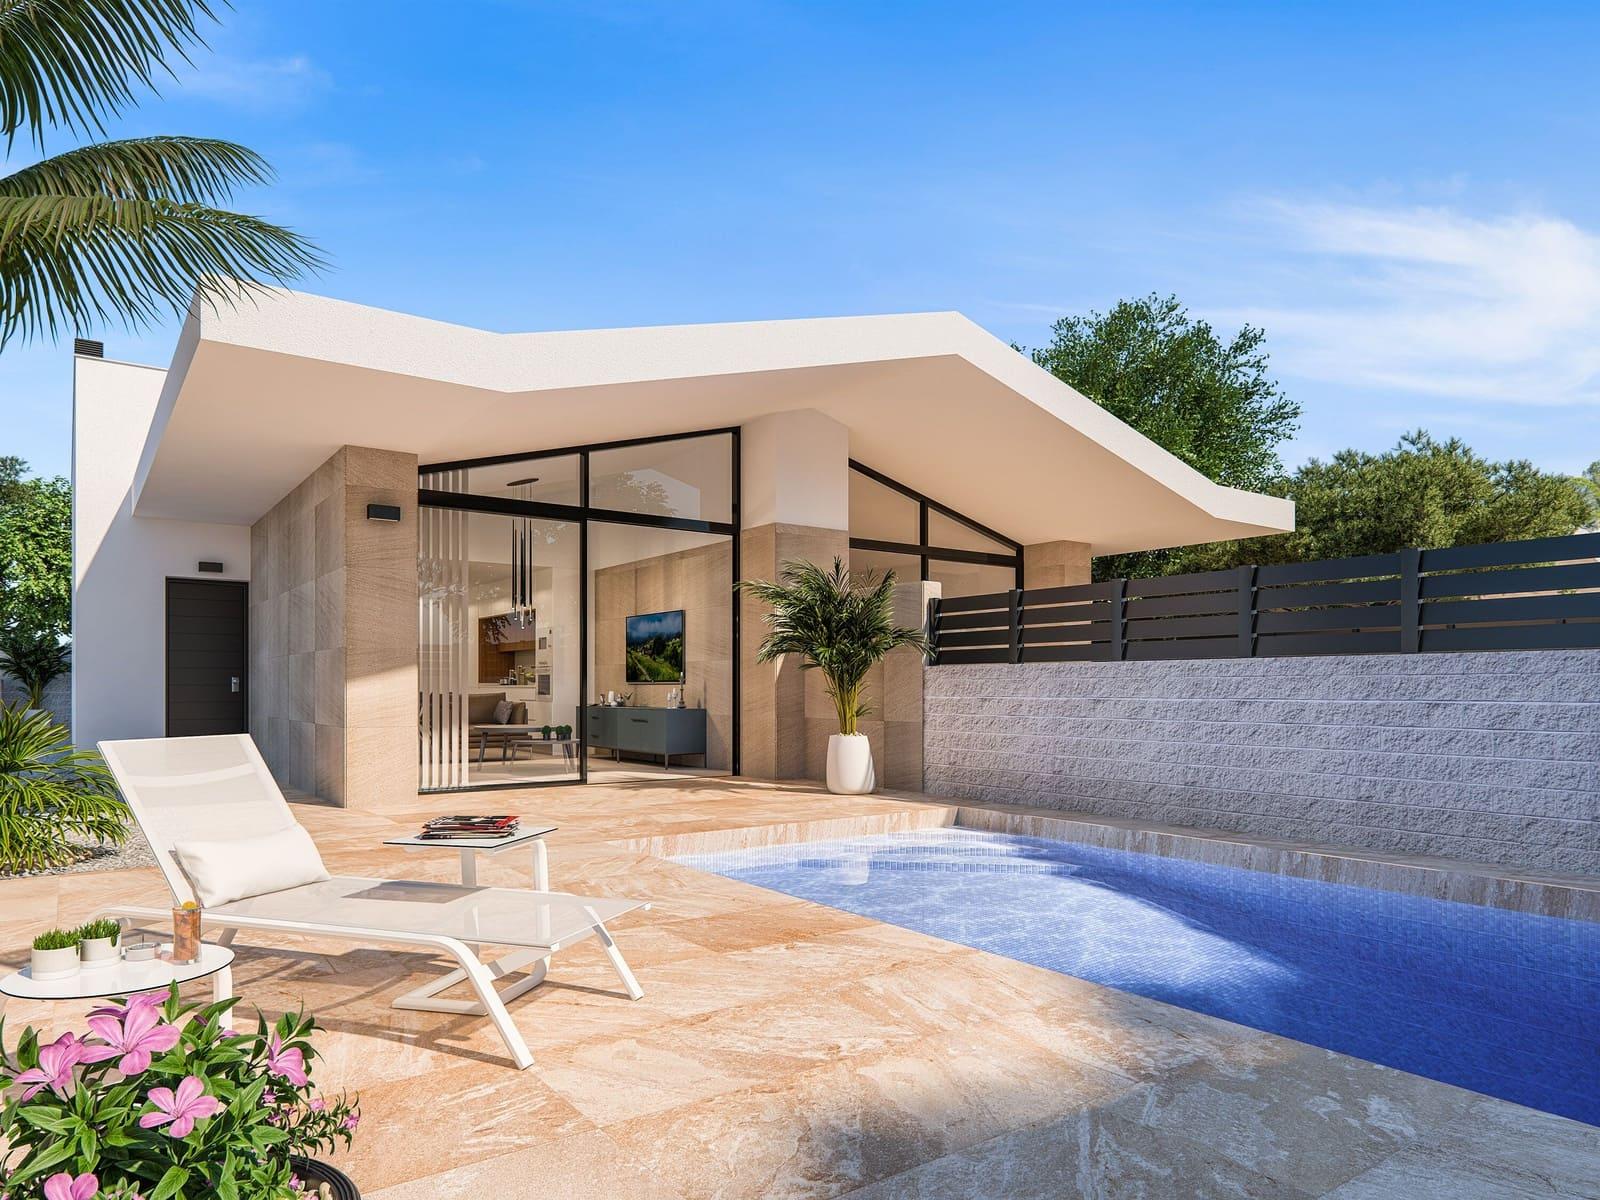 Chalet de 2 habitaciones en Benijófar en venta con piscina - 209.900 € (Ref: 5085690)